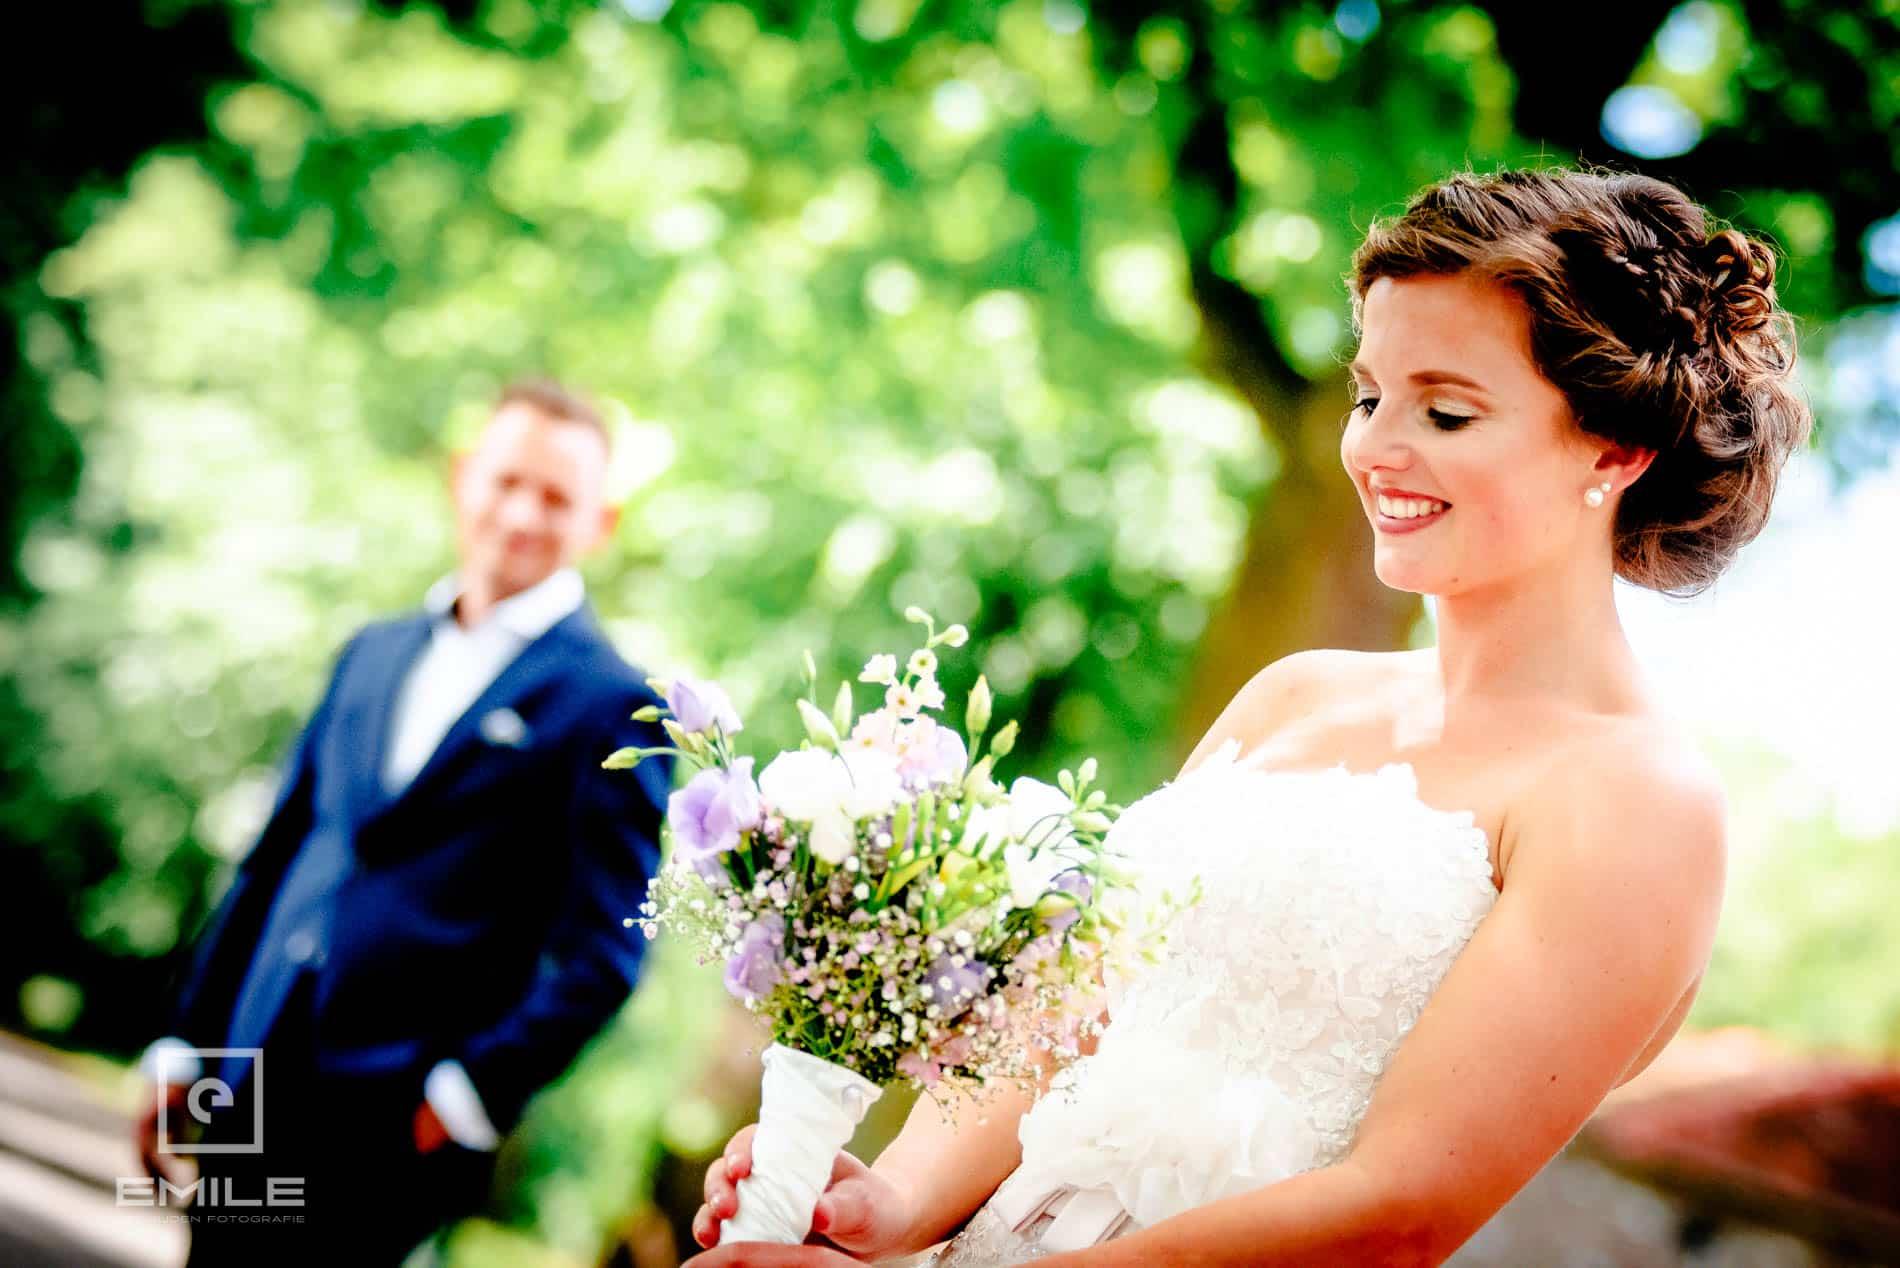 bruid kijkt naar bruidsboeket - Kasteel Daelenbroeck - Herkenbosch